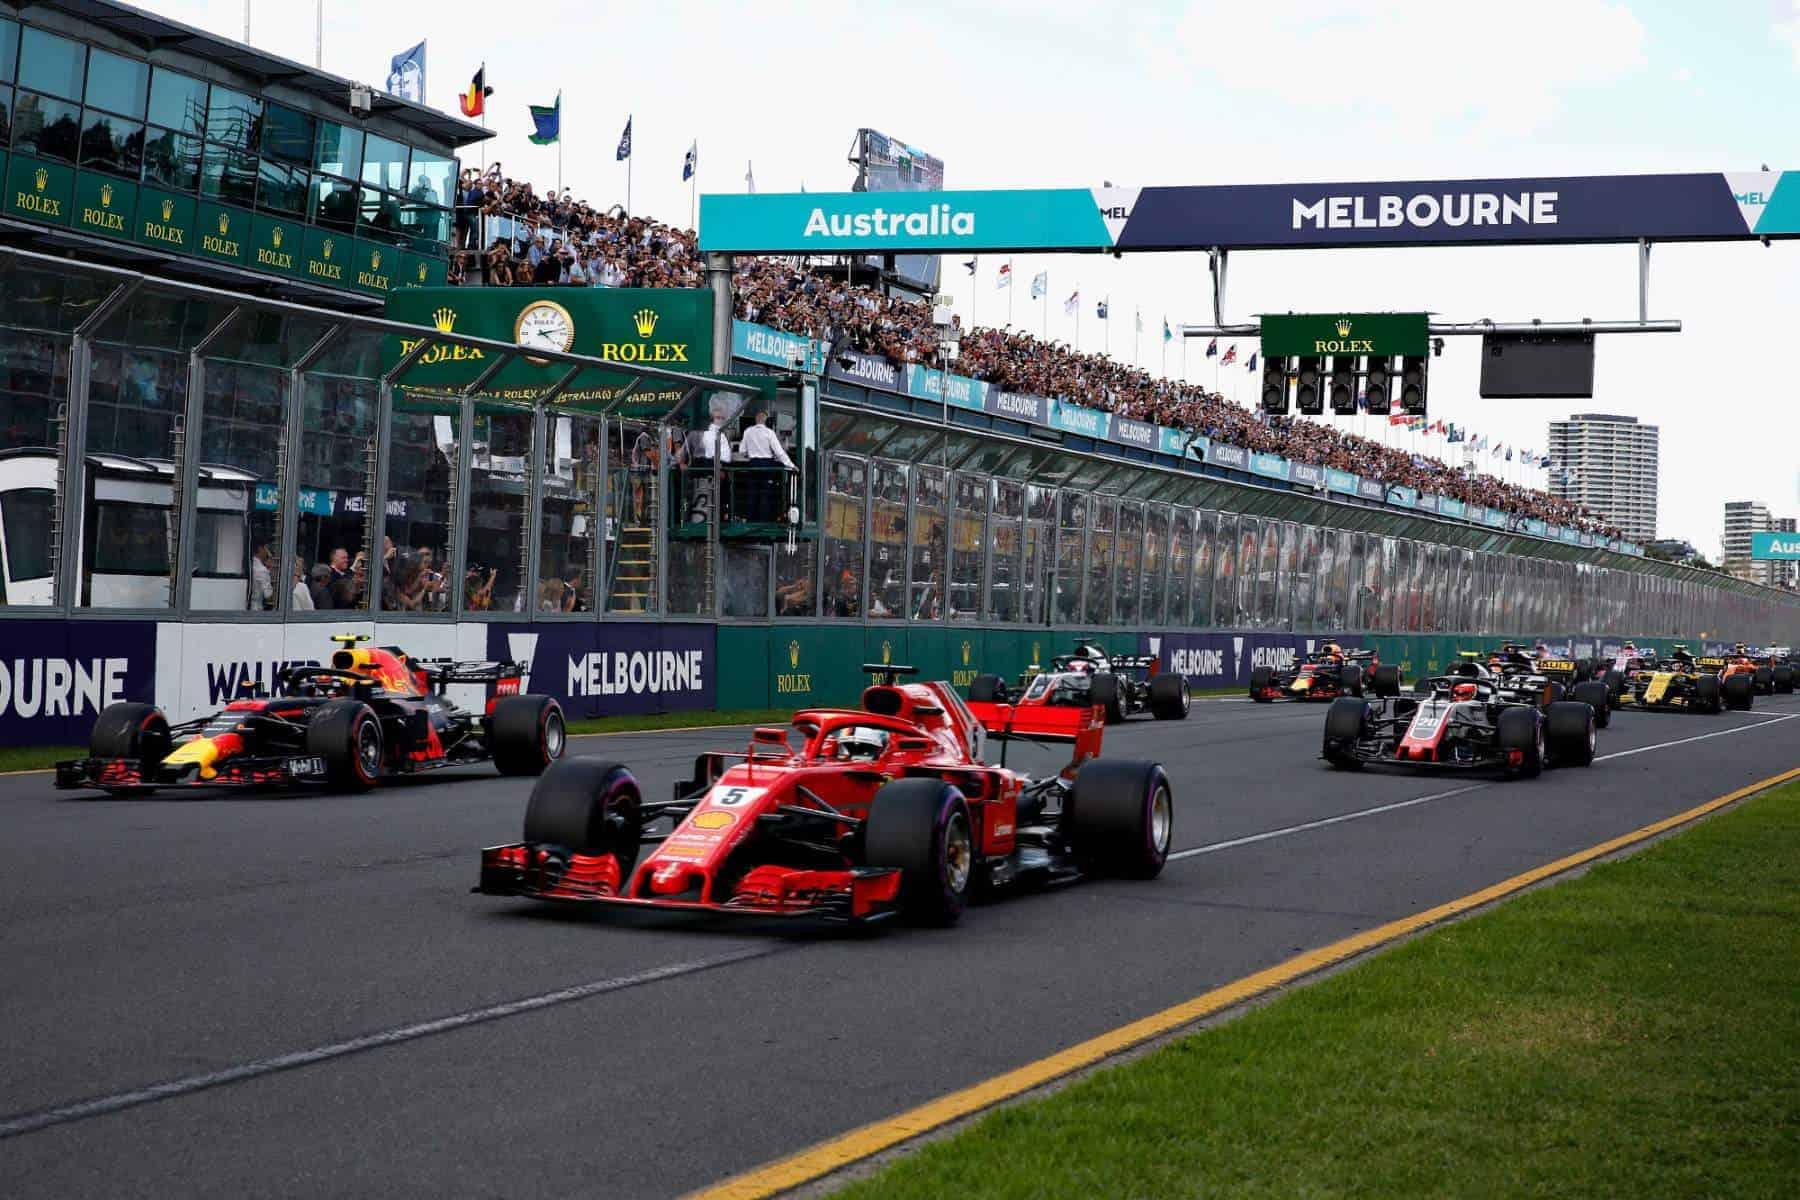 2018 Australian GP start